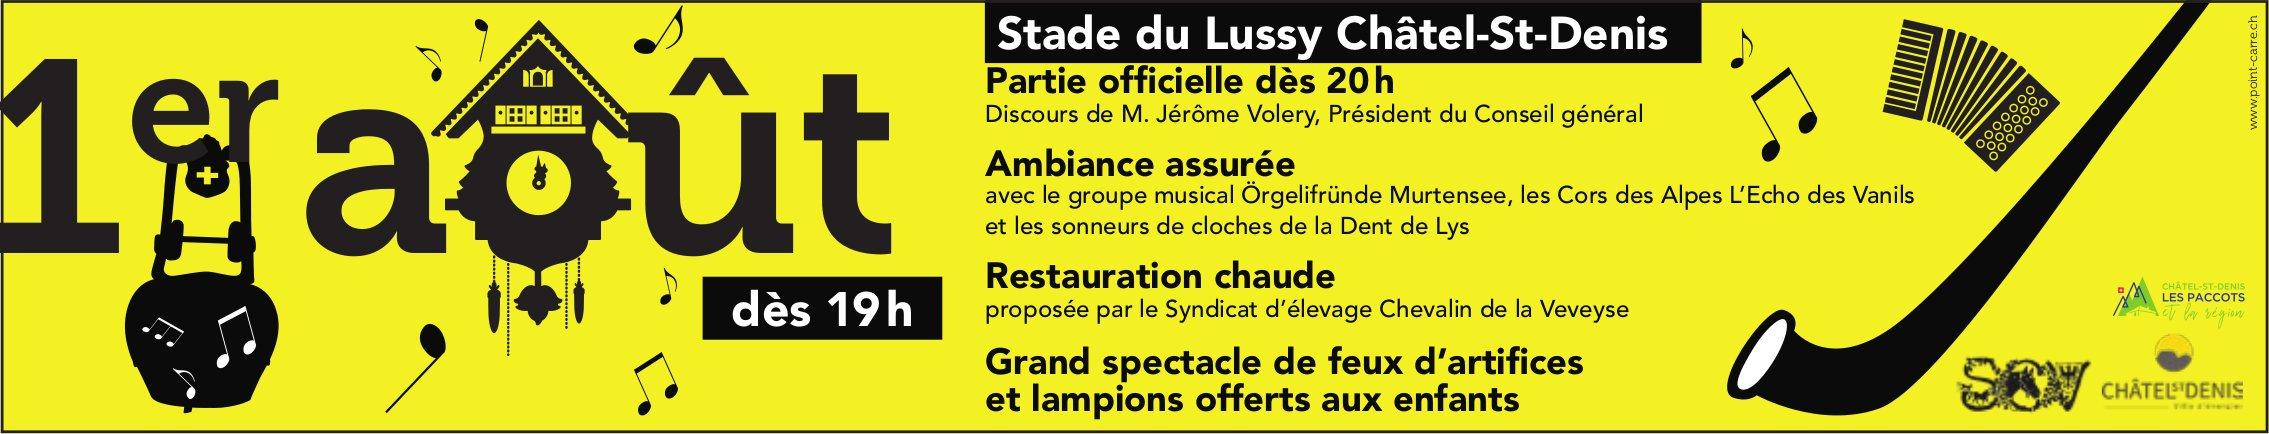 1 er août, Stade du Lussy, Châtel-St-Denis